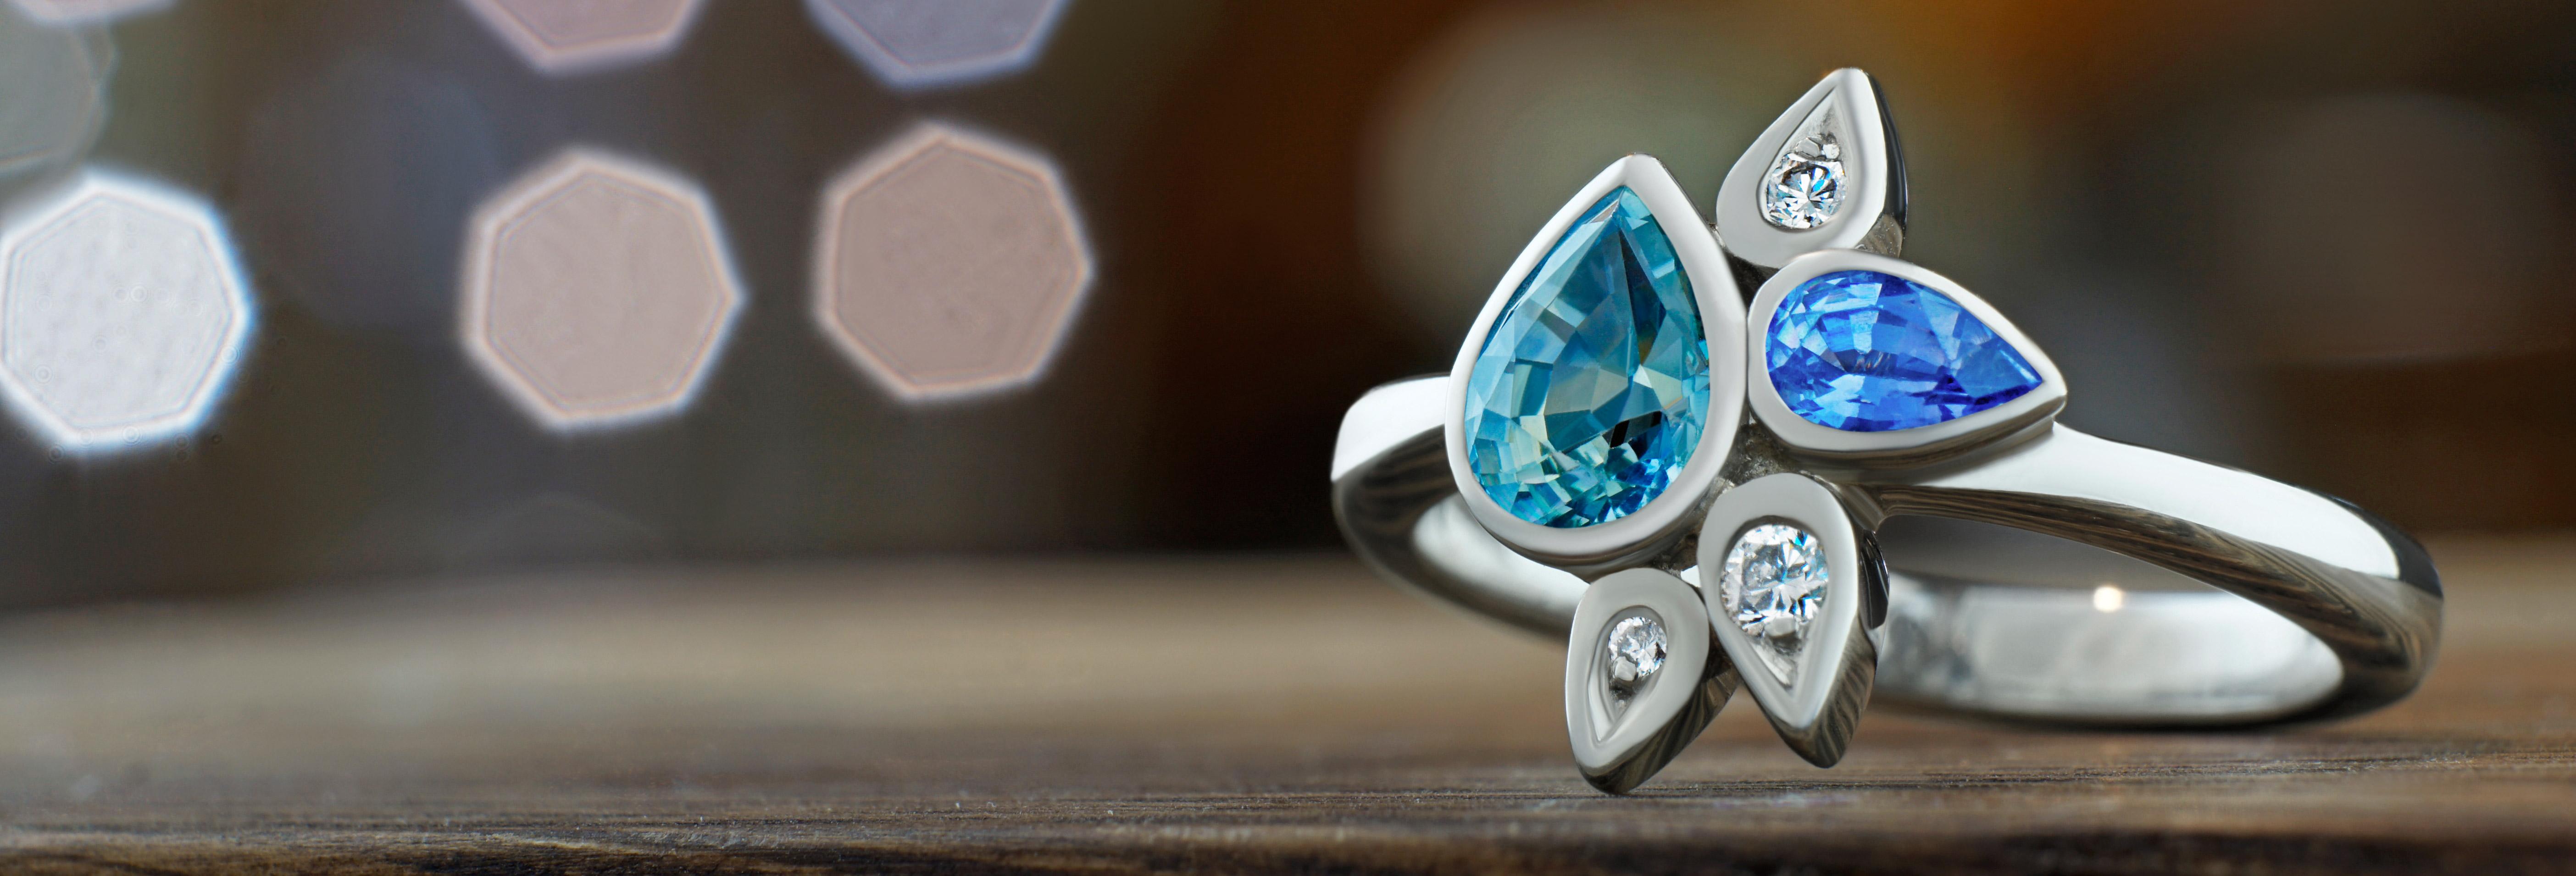 India inspired 1.13ct sapphire and diamond palladium ring